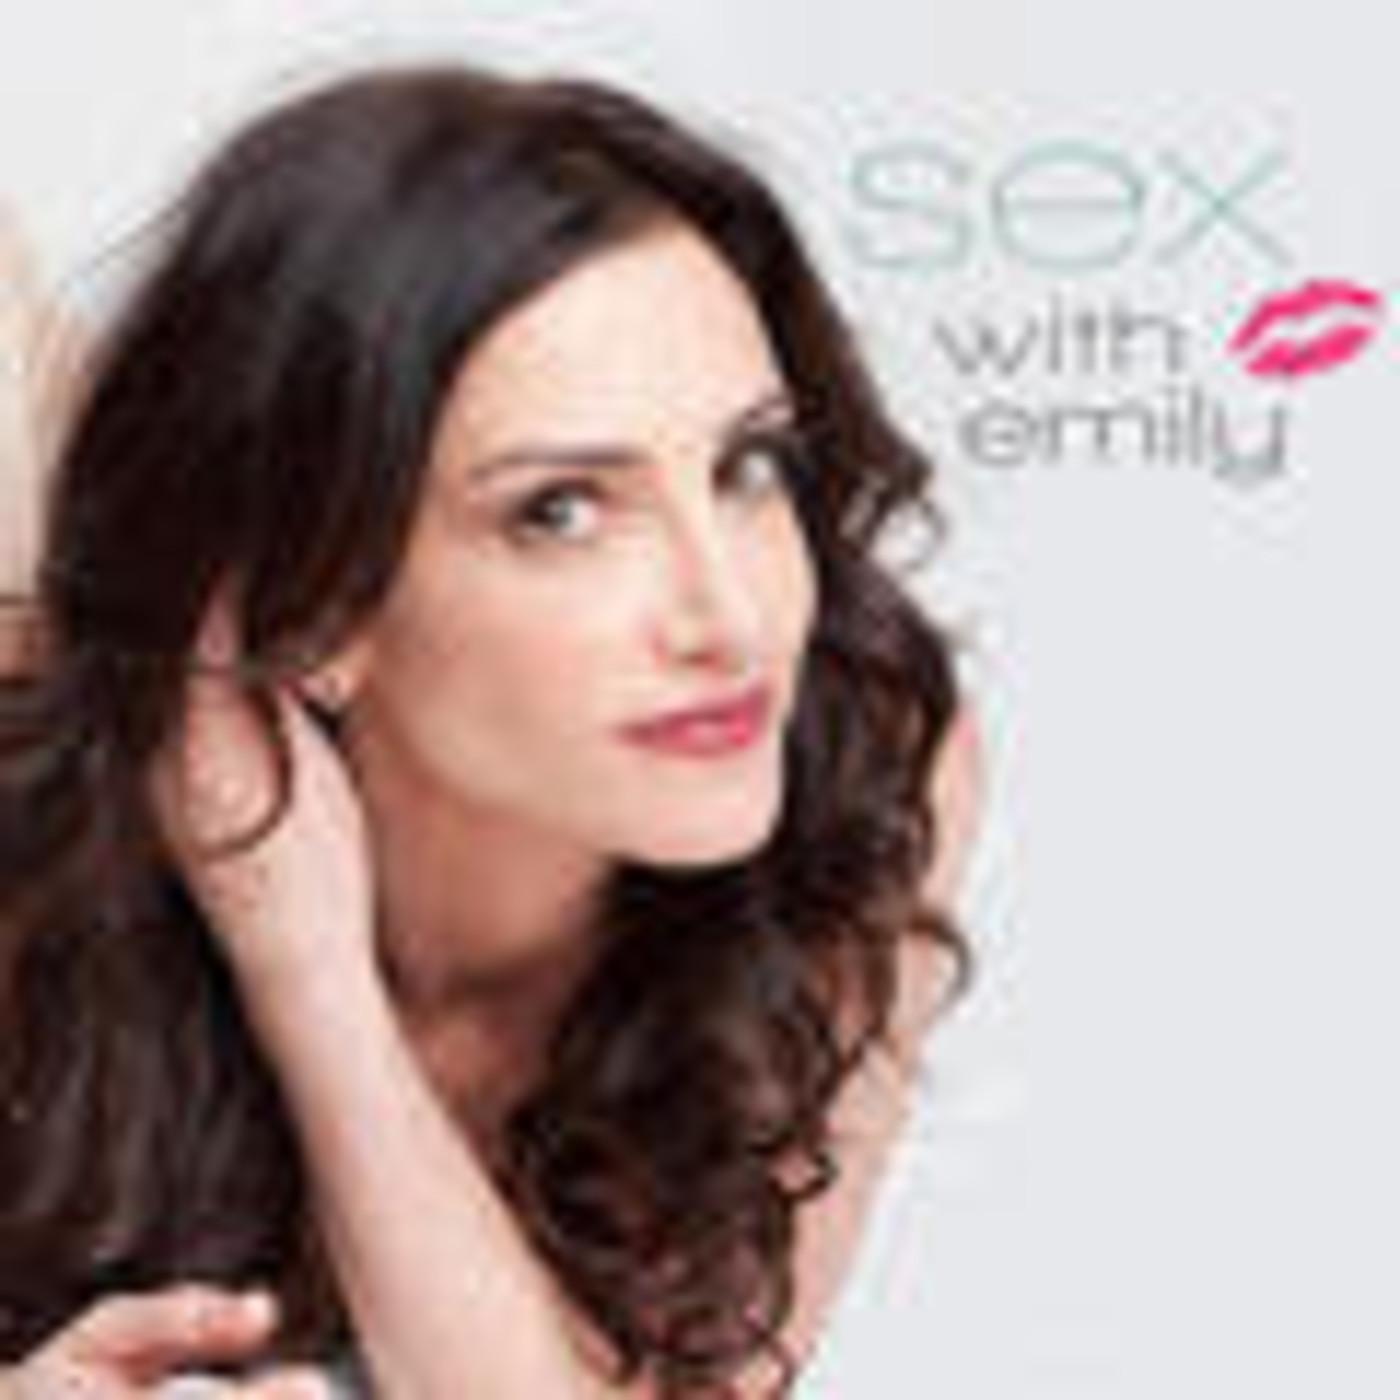 SexWithEmily.com